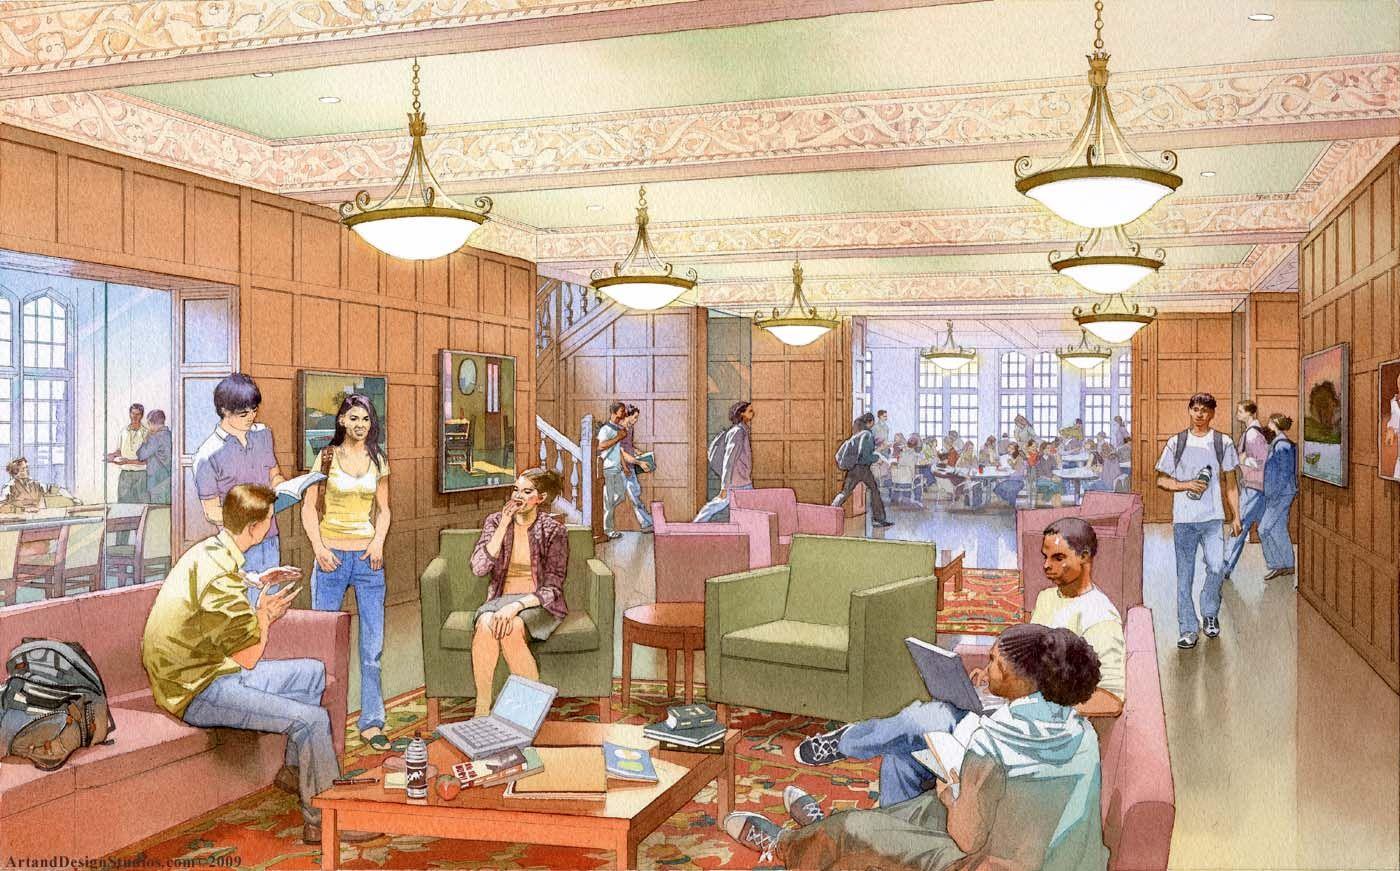 UPenn University interior rendering